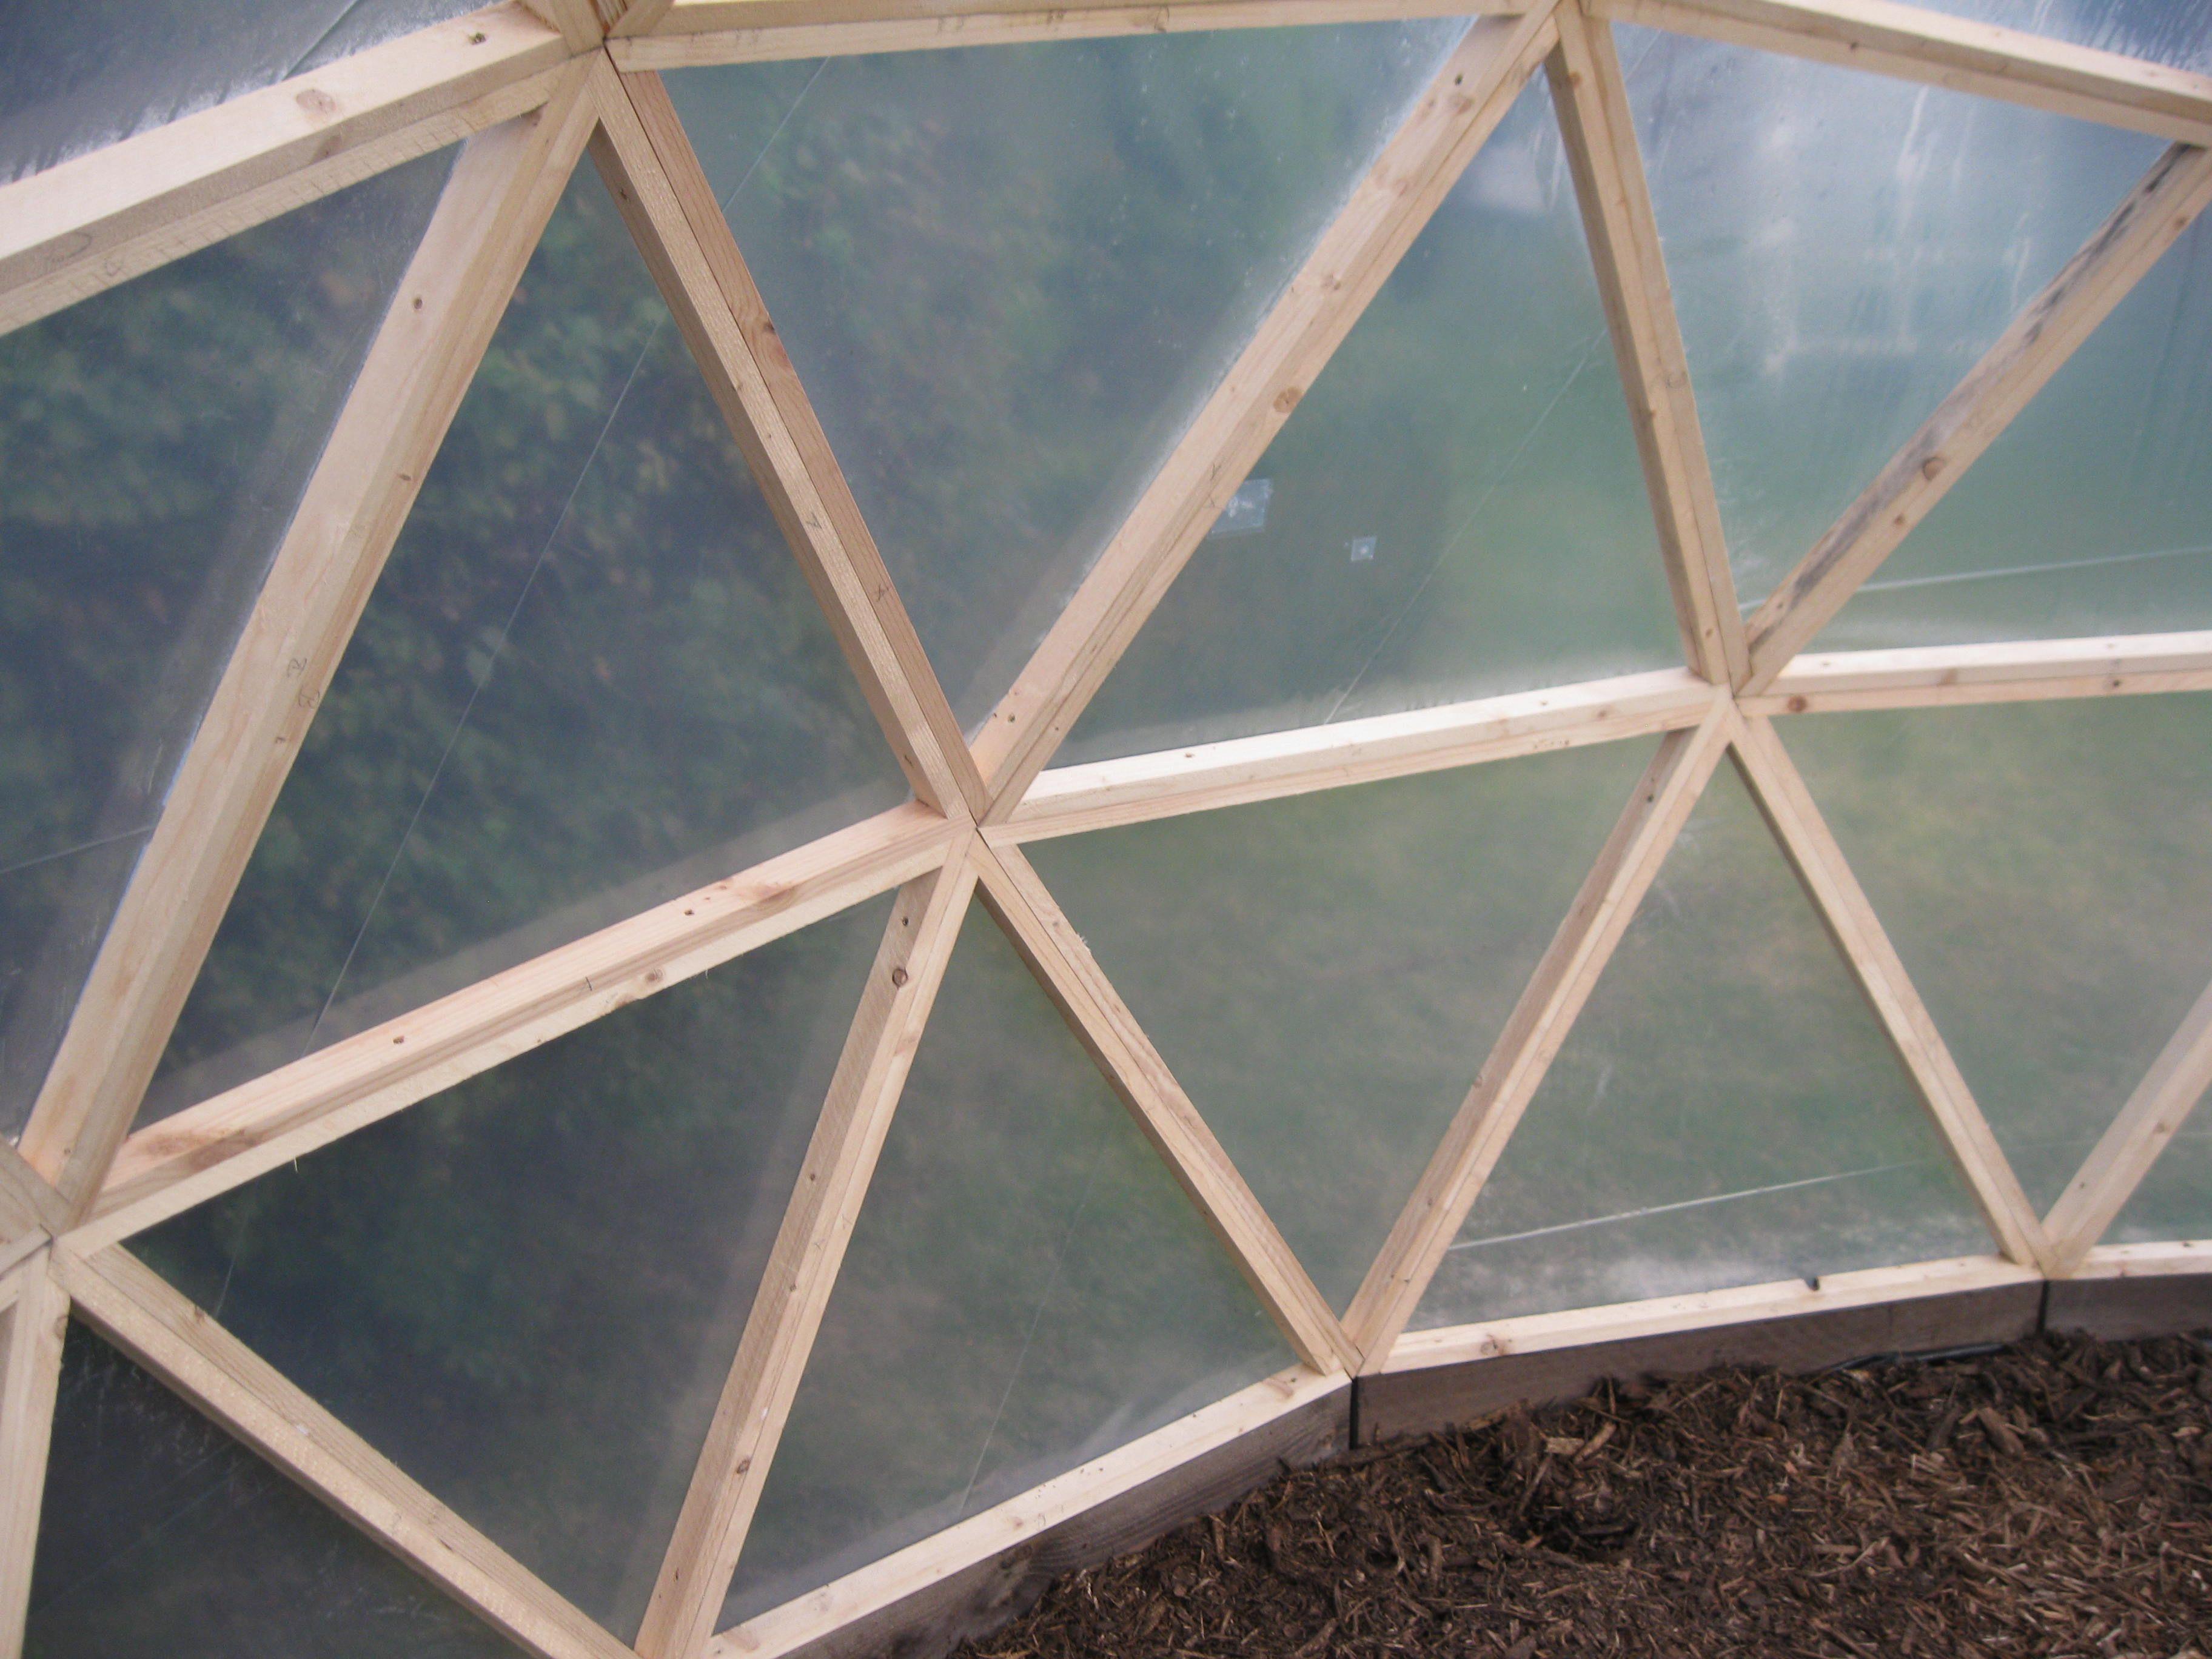 diy geo dome greenhouse ev pinterest geod tische kuppel und g rten. Black Bedroom Furniture Sets. Home Design Ideas